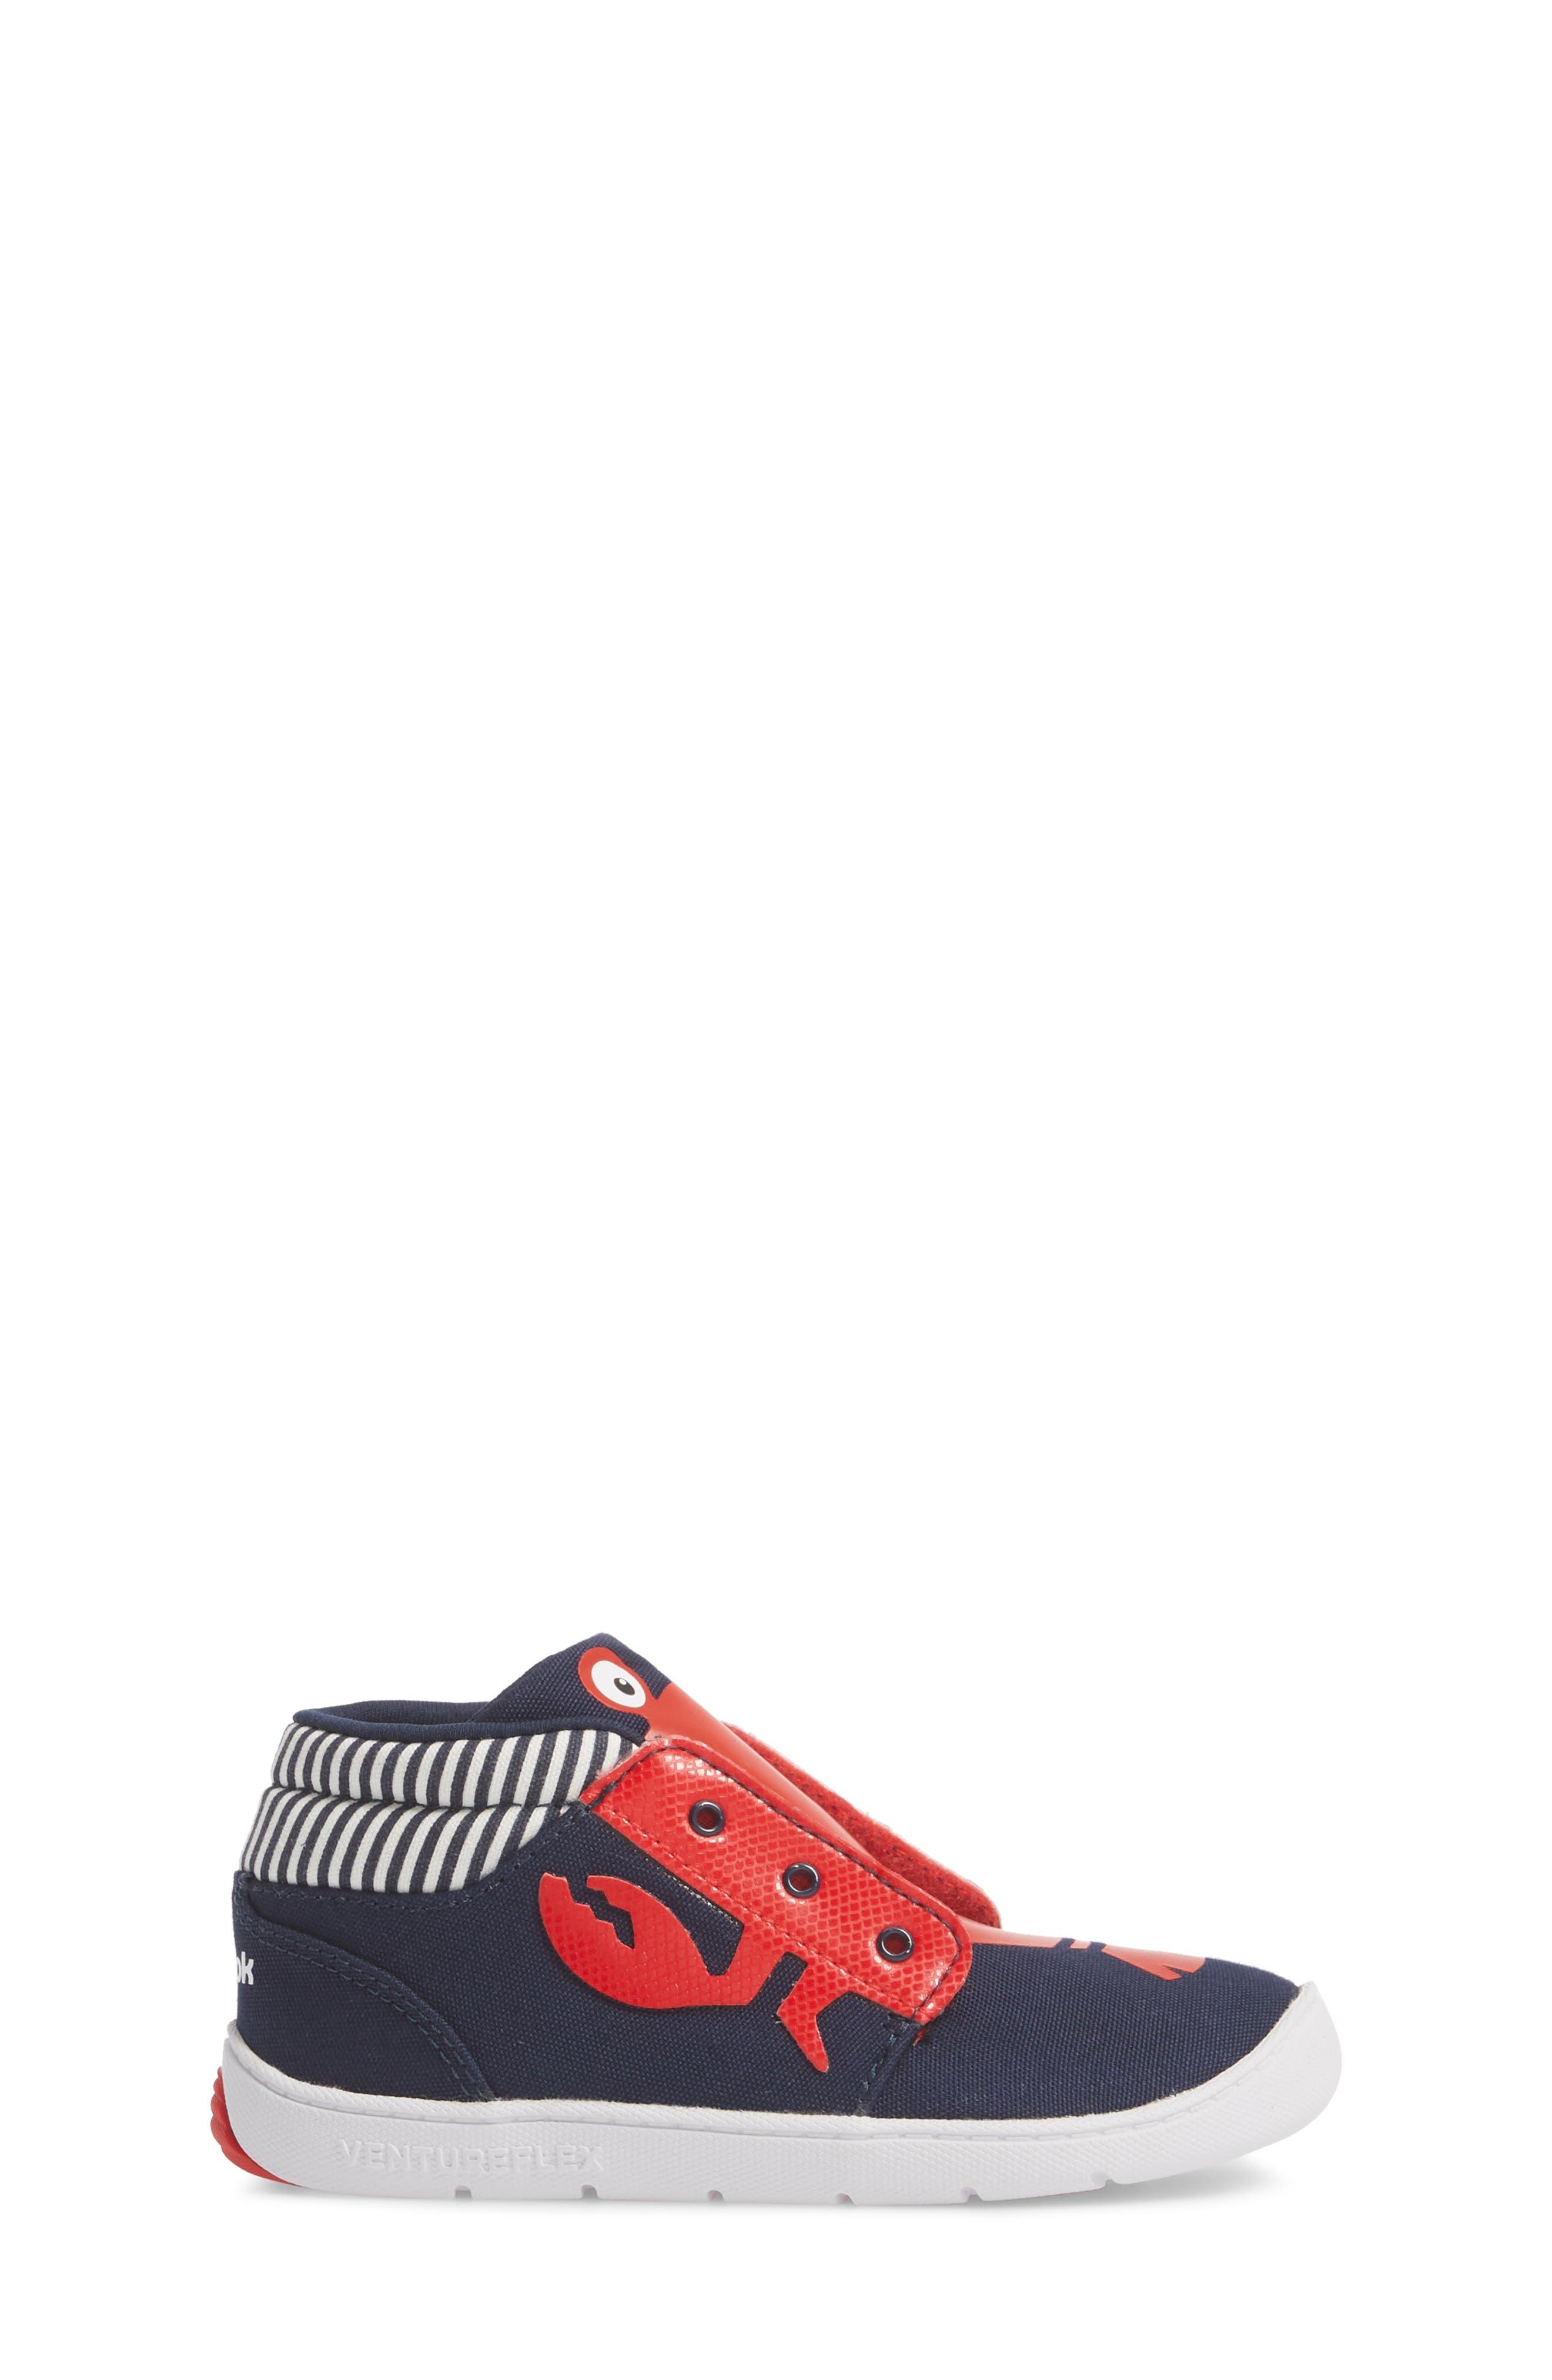 Ventureflex High Top Critter Sneaker,                             Alternate thumbnail 3, color,                             Blue